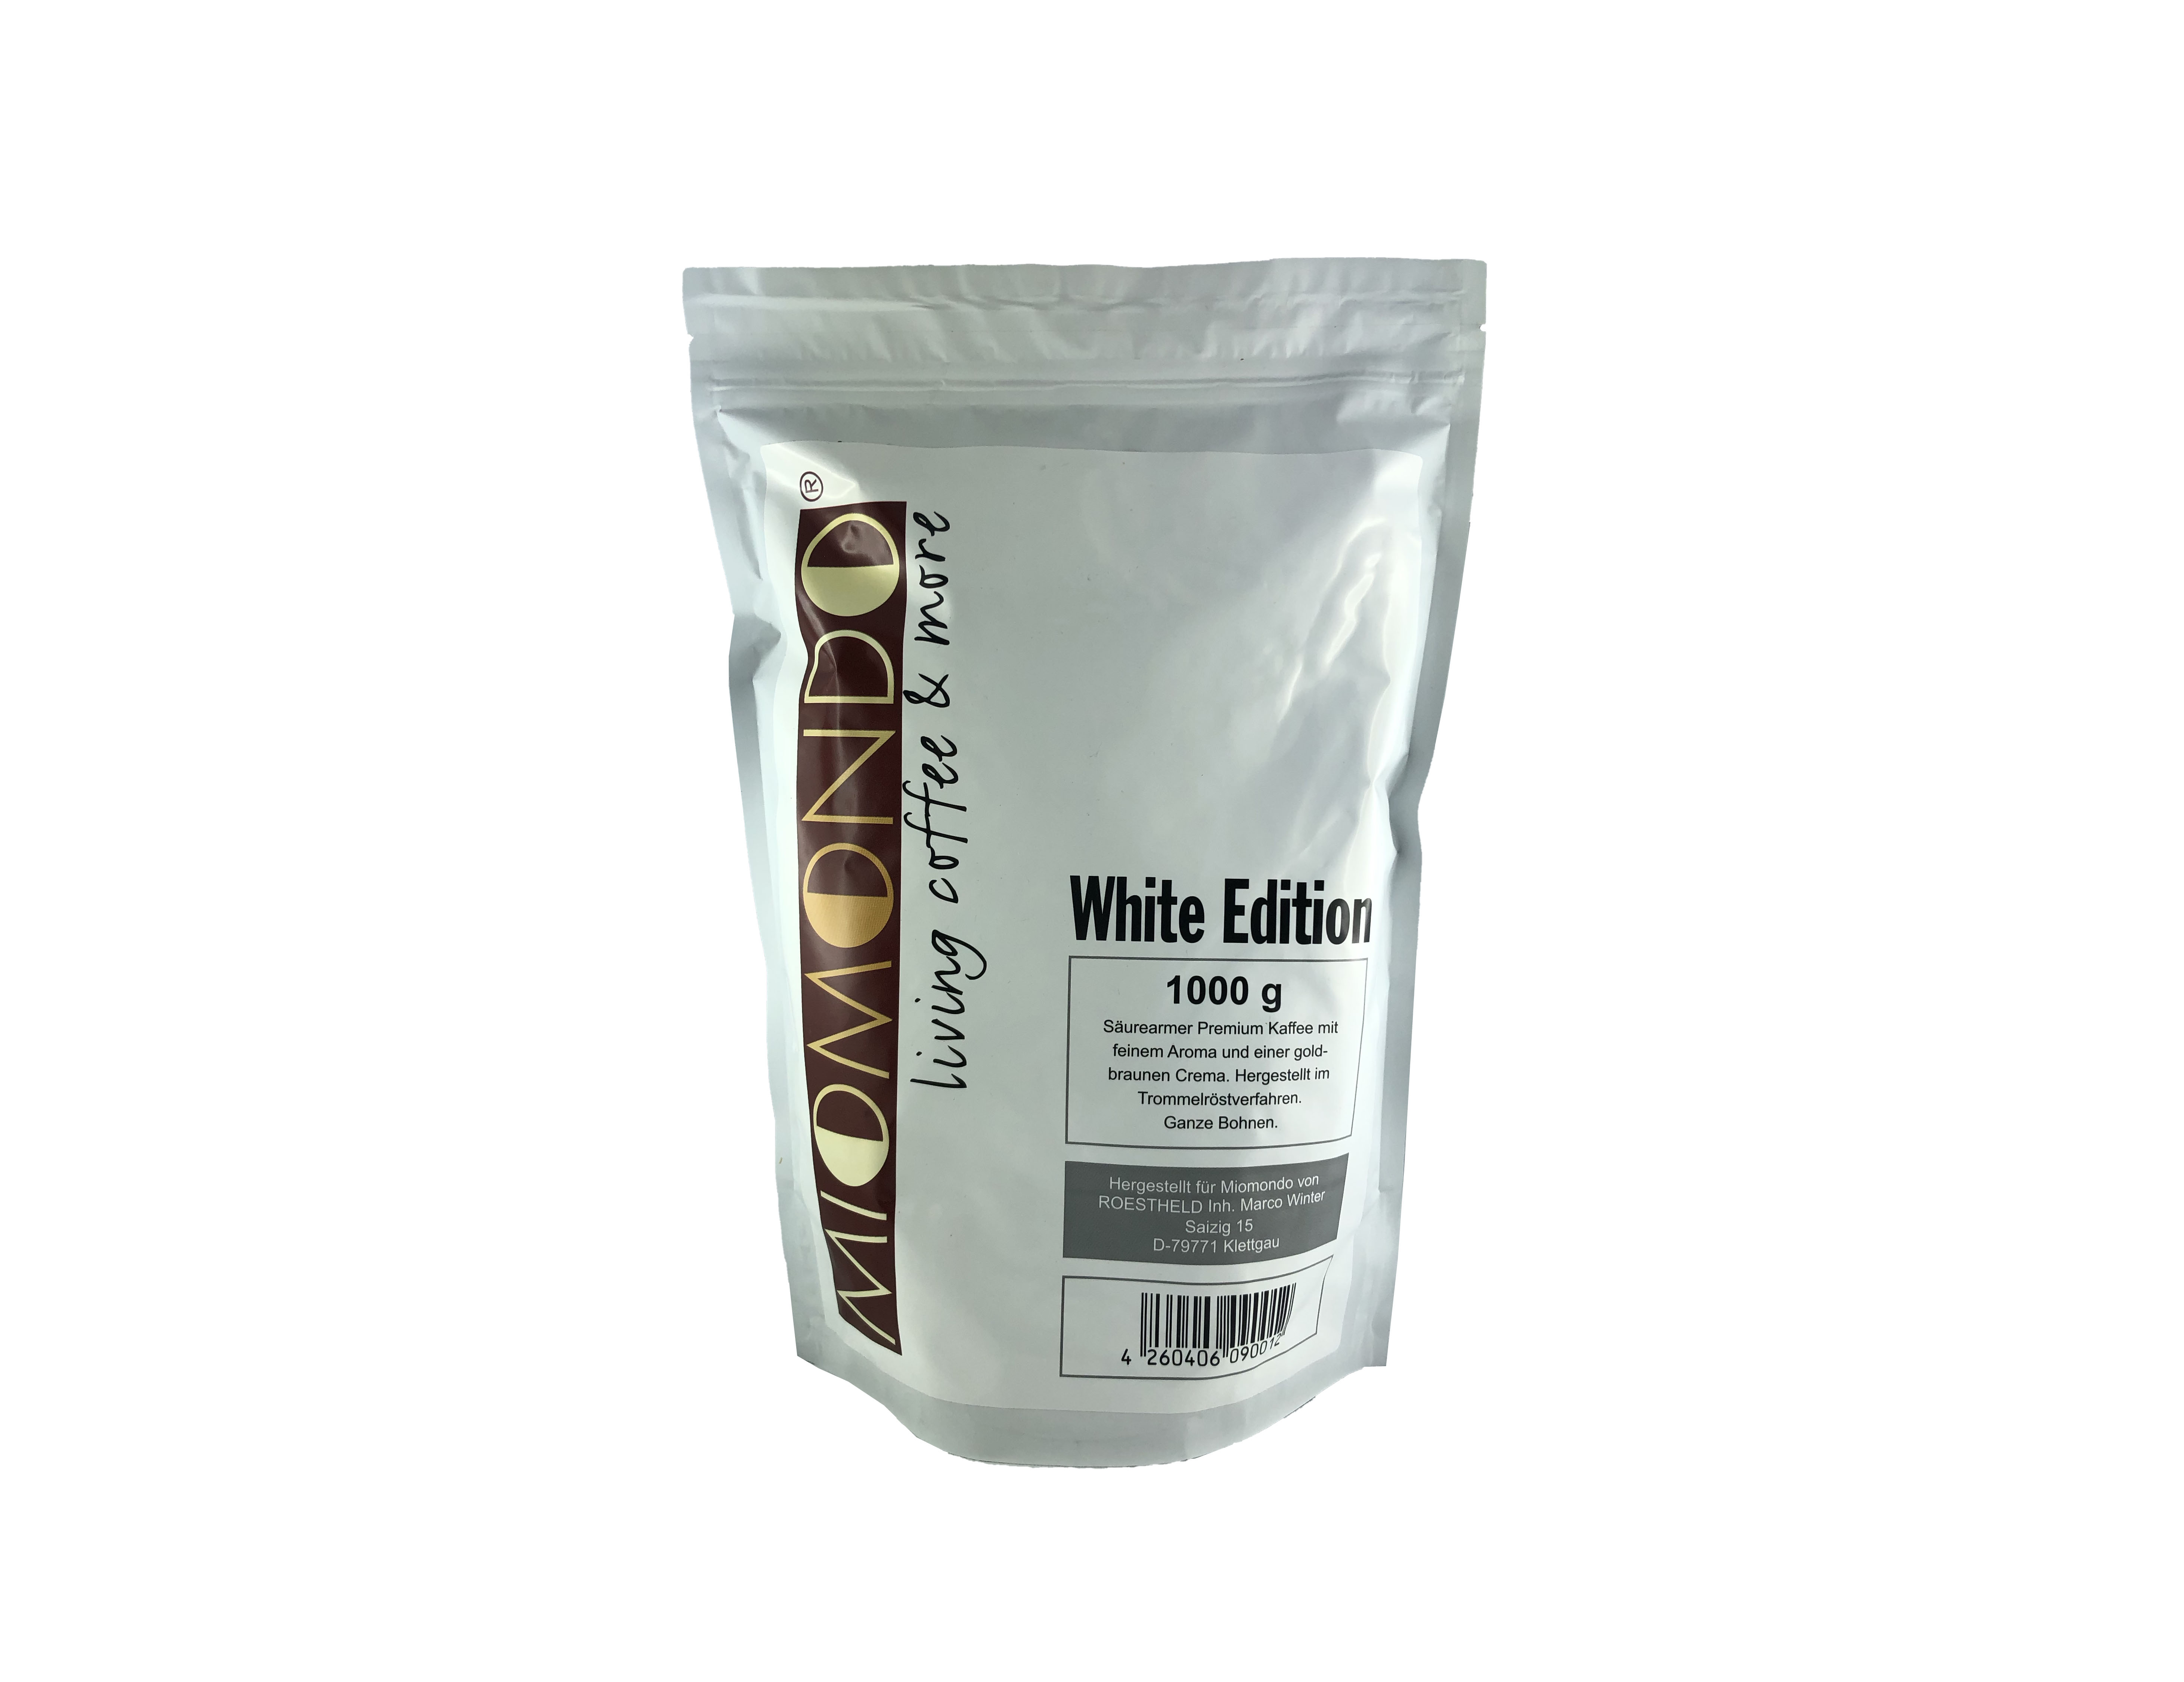 Miomondo 1000g - White Edition